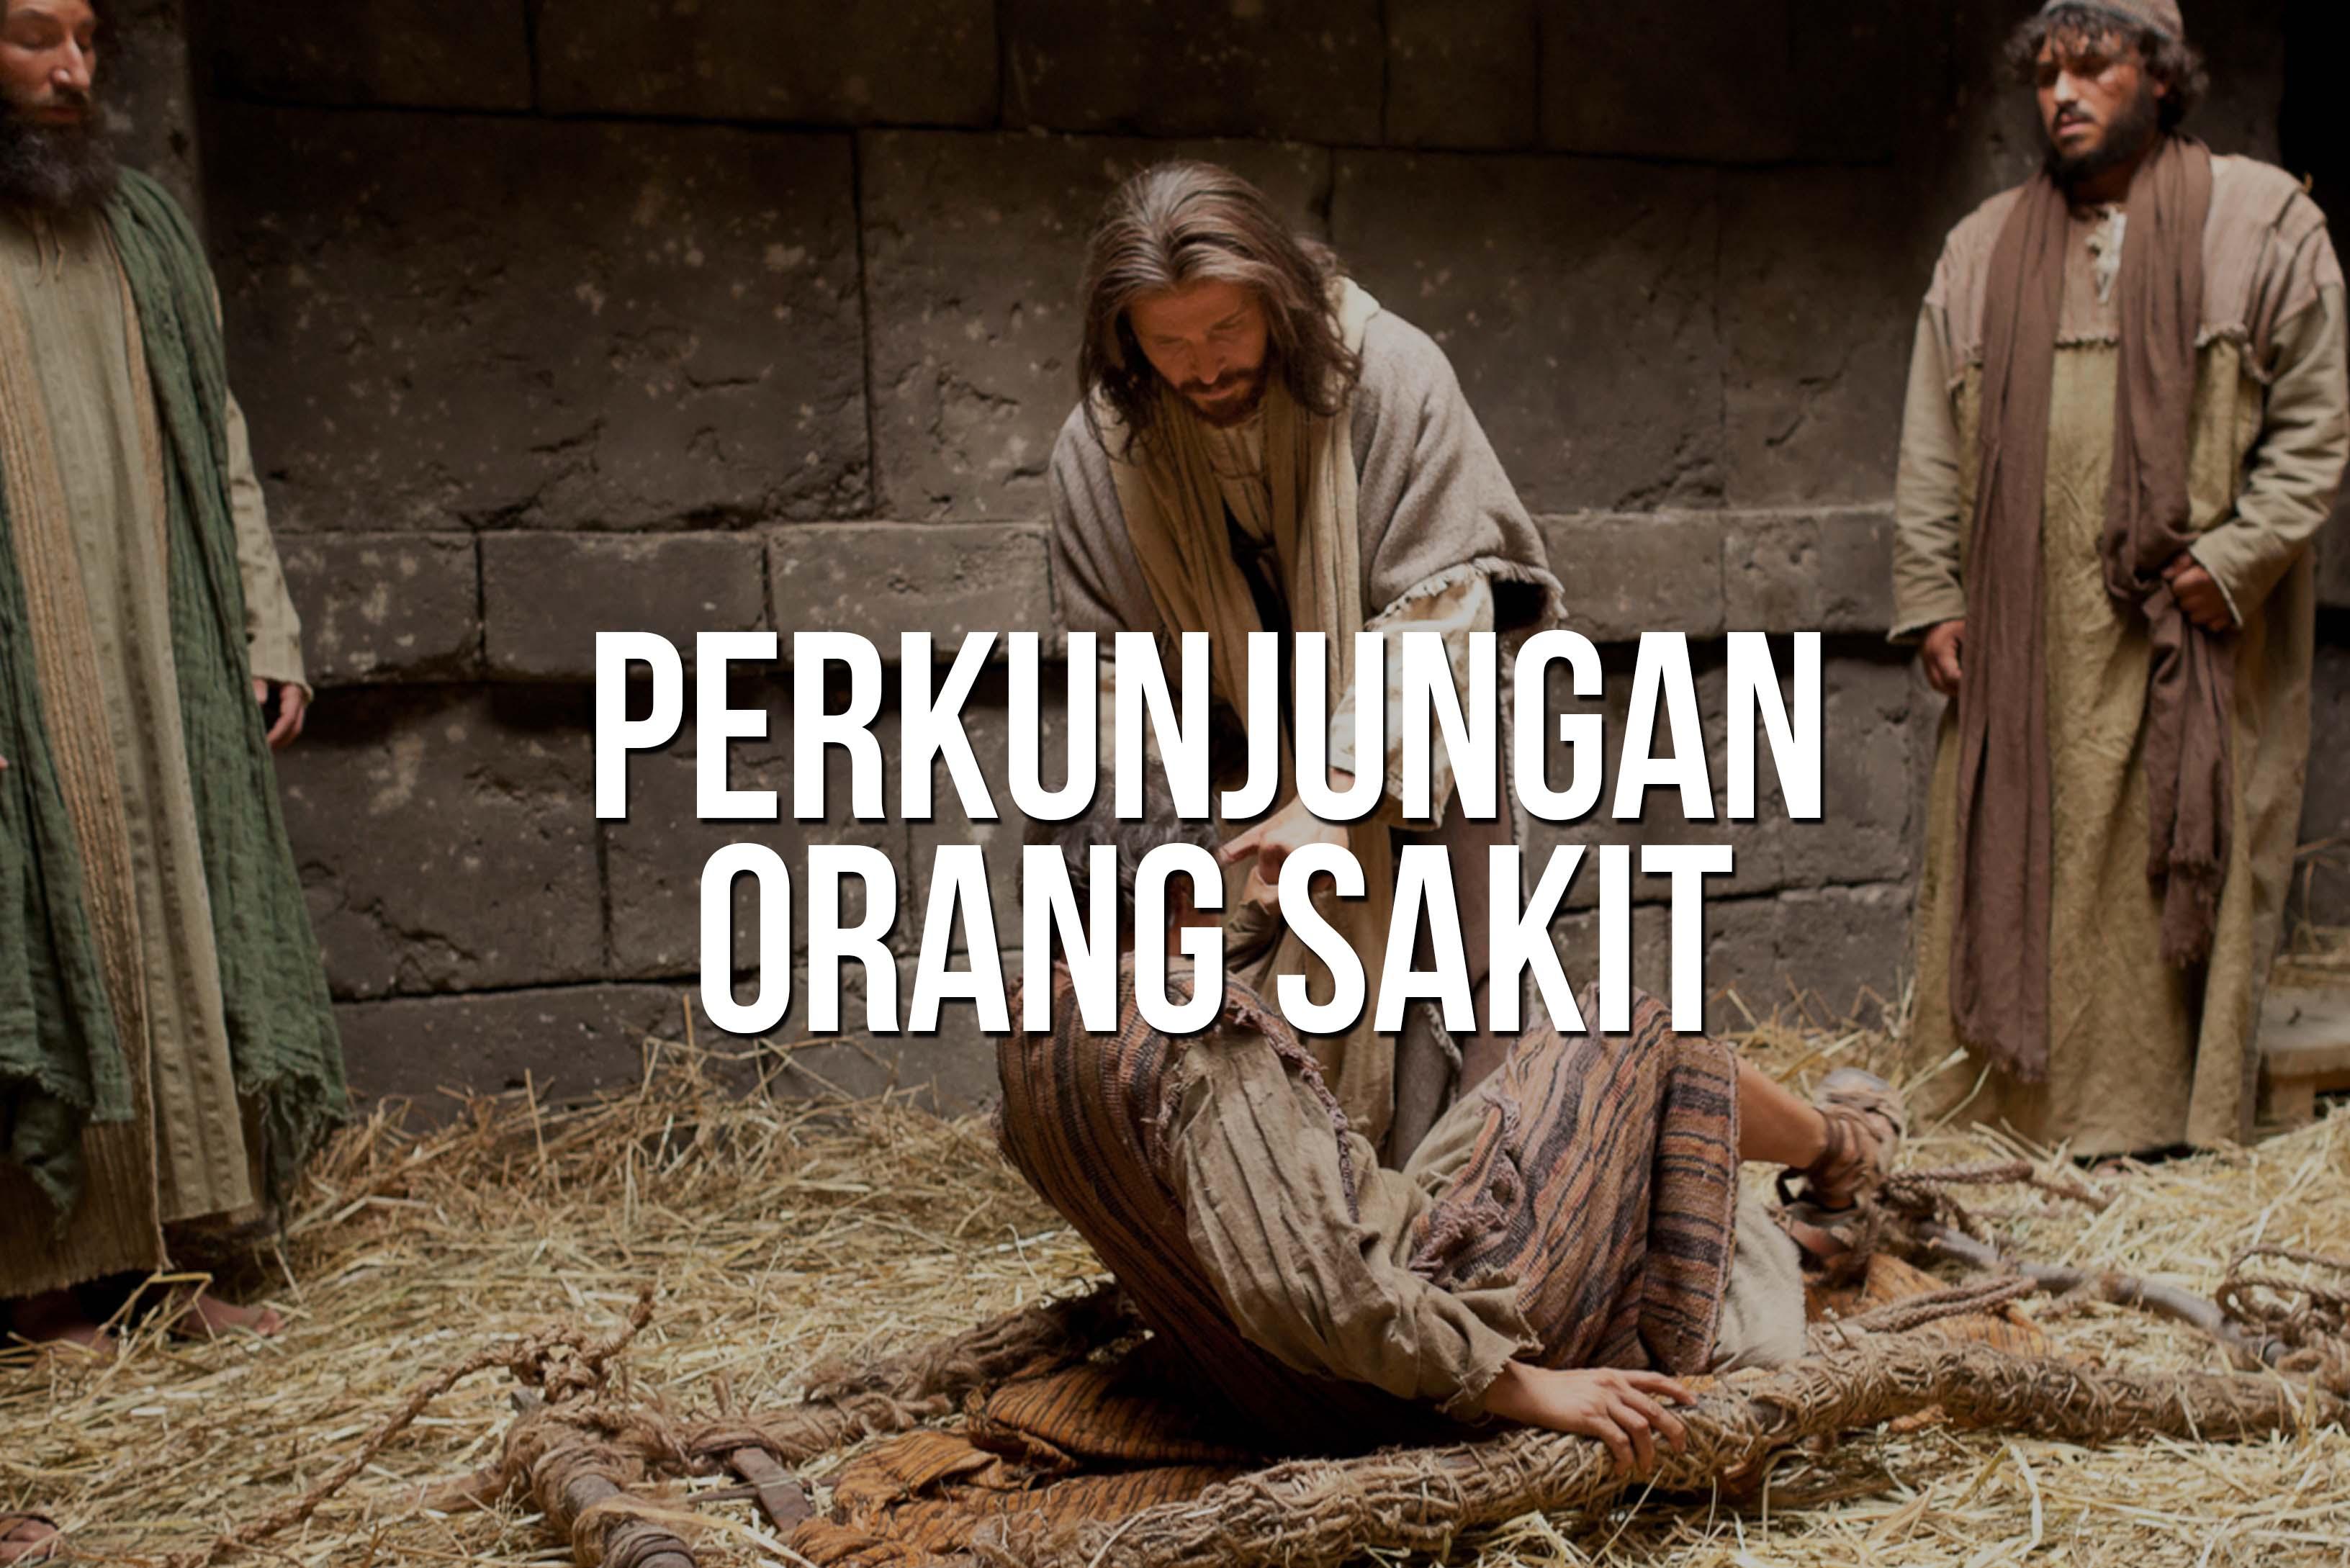 Perkunjungan Orang Sakit & Pelayanan Dana Kasih Kedukaan